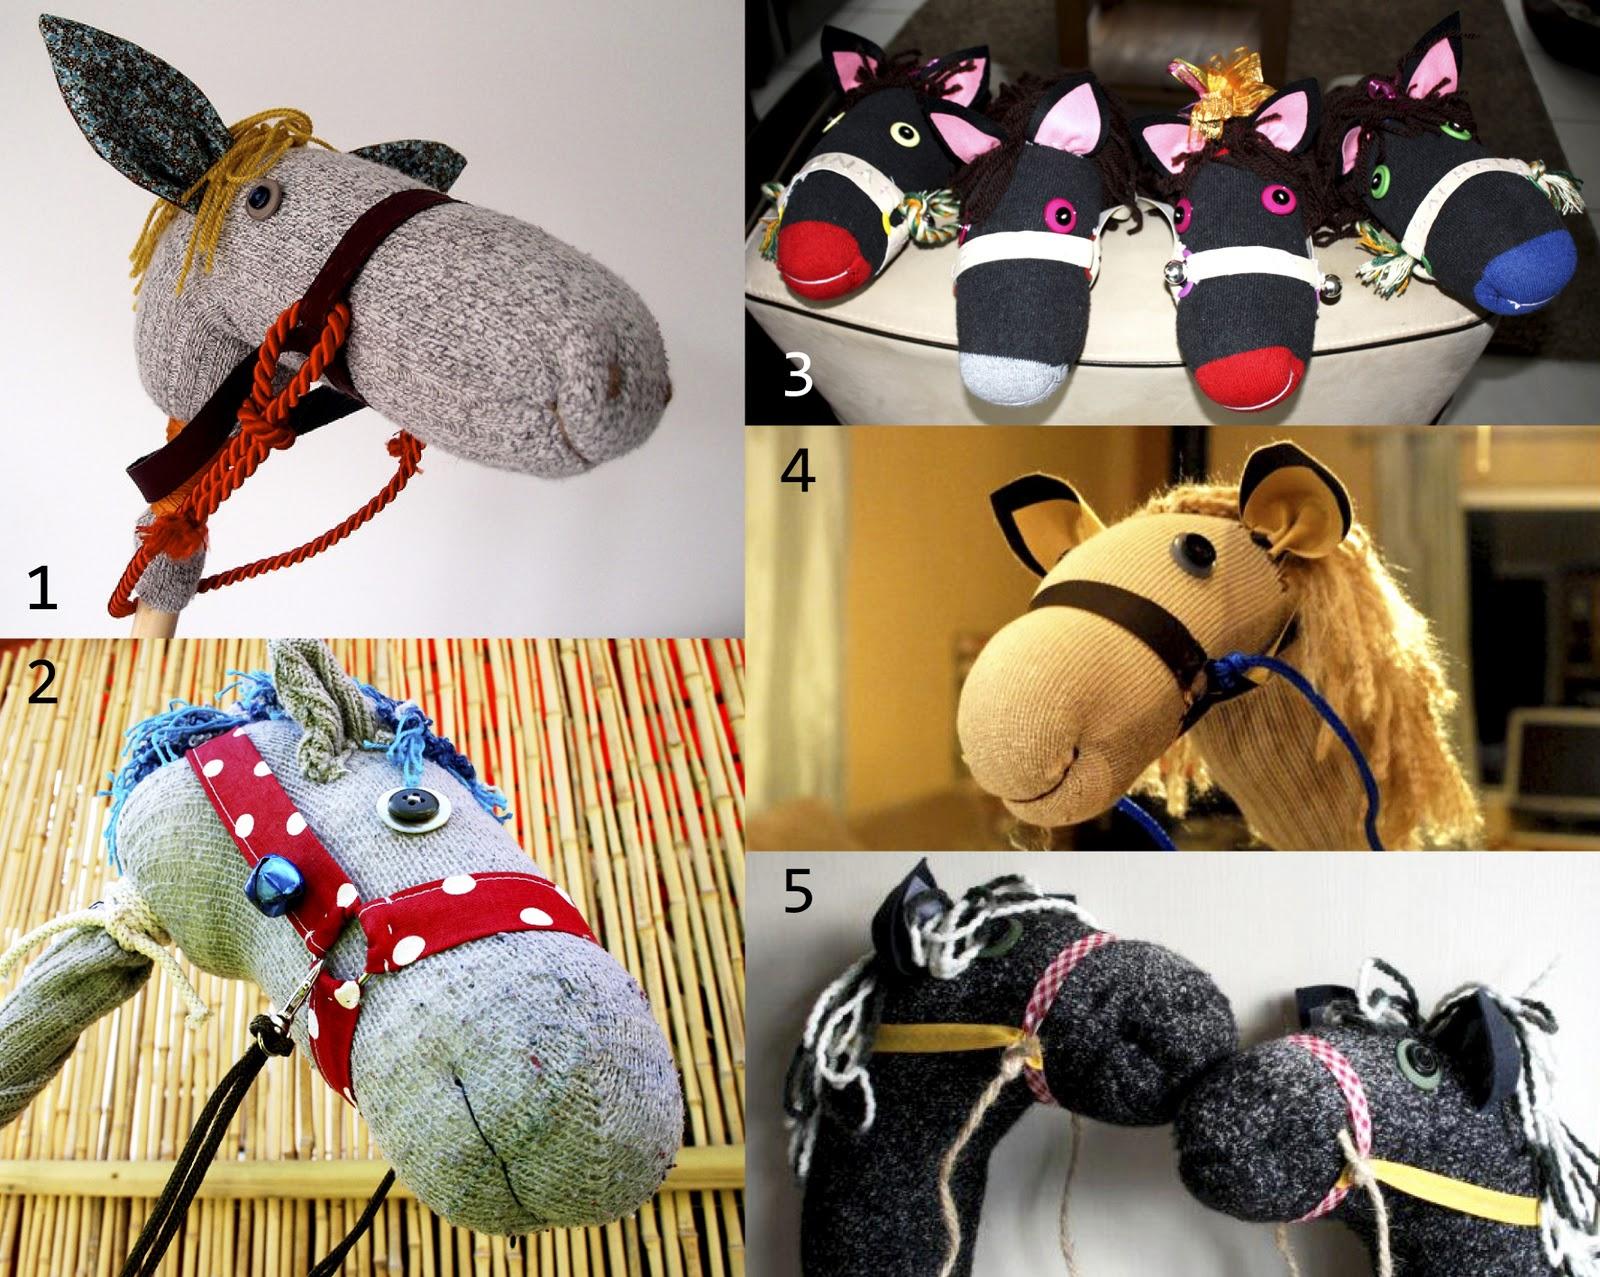 http://4.bp.blogspot.com/-1GSV_hoafZM/TZjPhUNA7lI/AAAAAAAABms/LHDv8r4uvnE/s1600/110404%252Bstick+horses.jpg